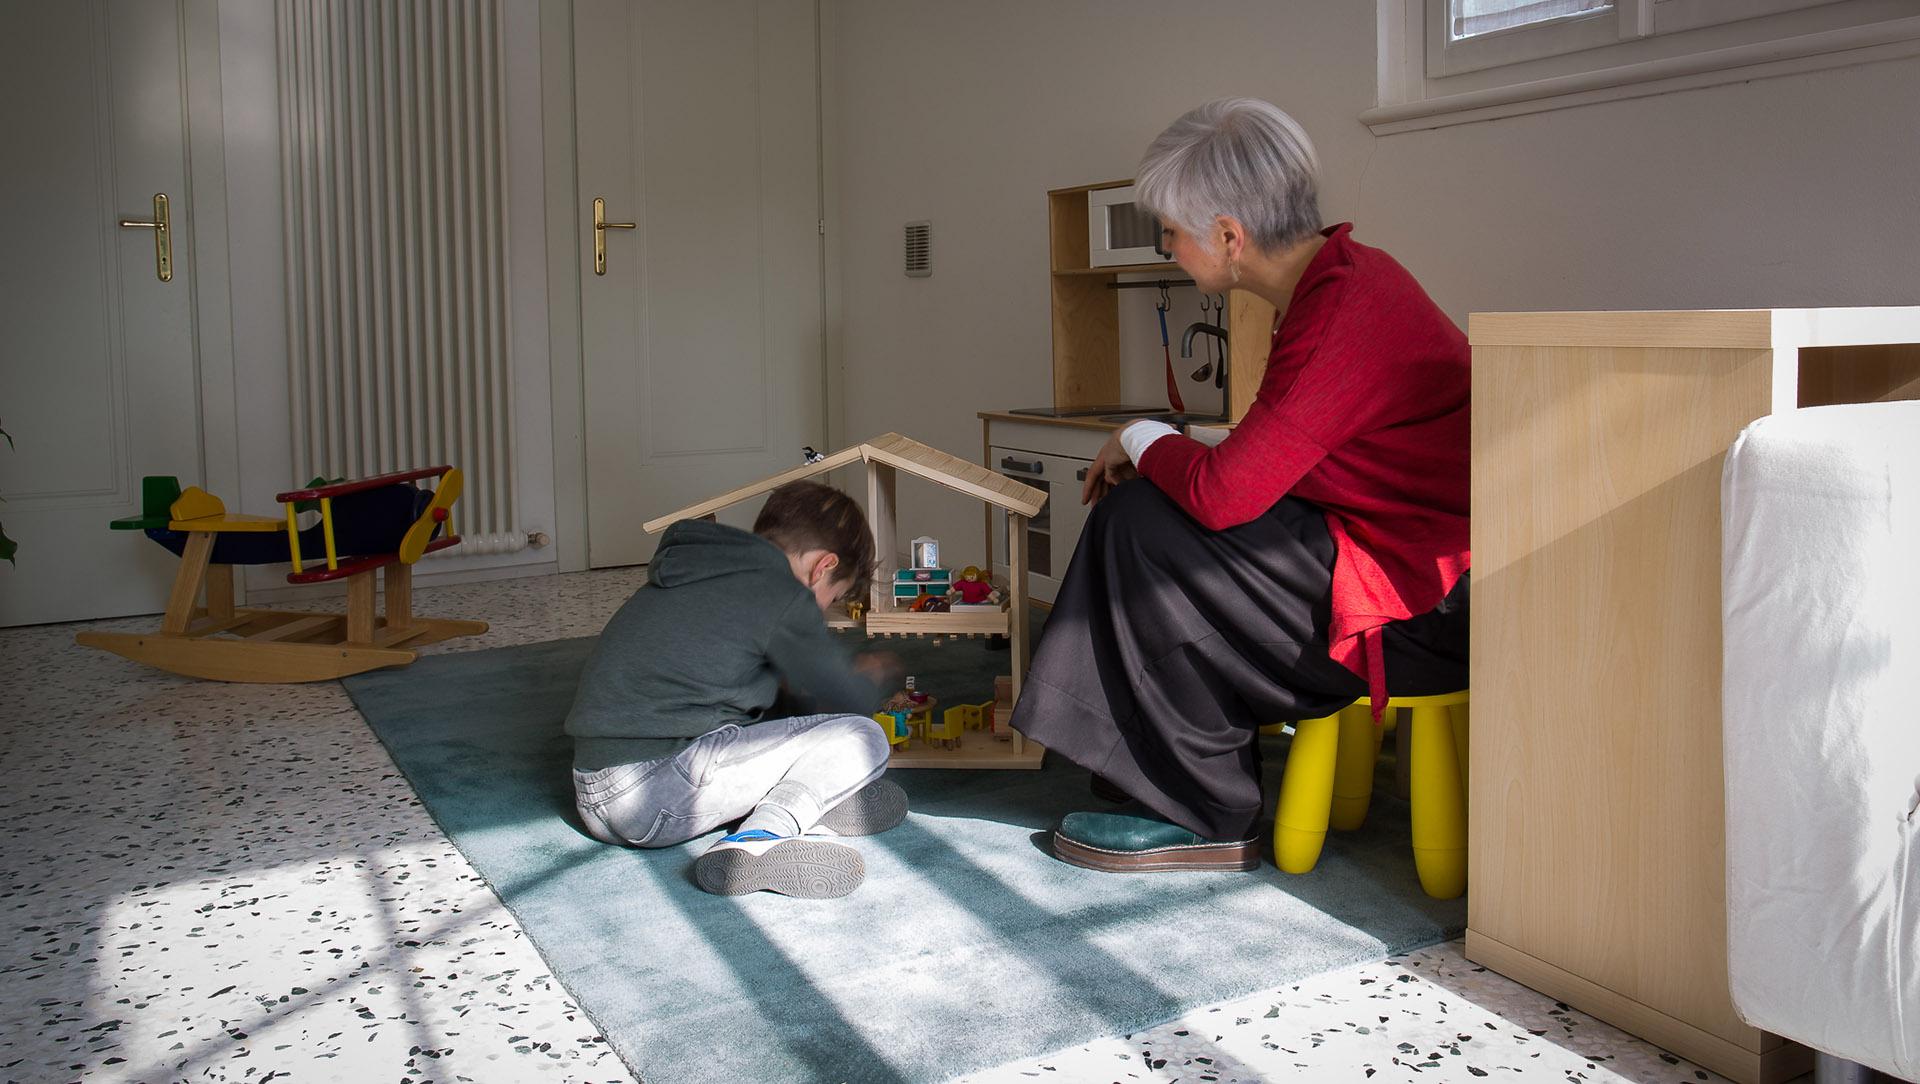 giovanna stabile psicologa psicoterapeuta per bambini udine